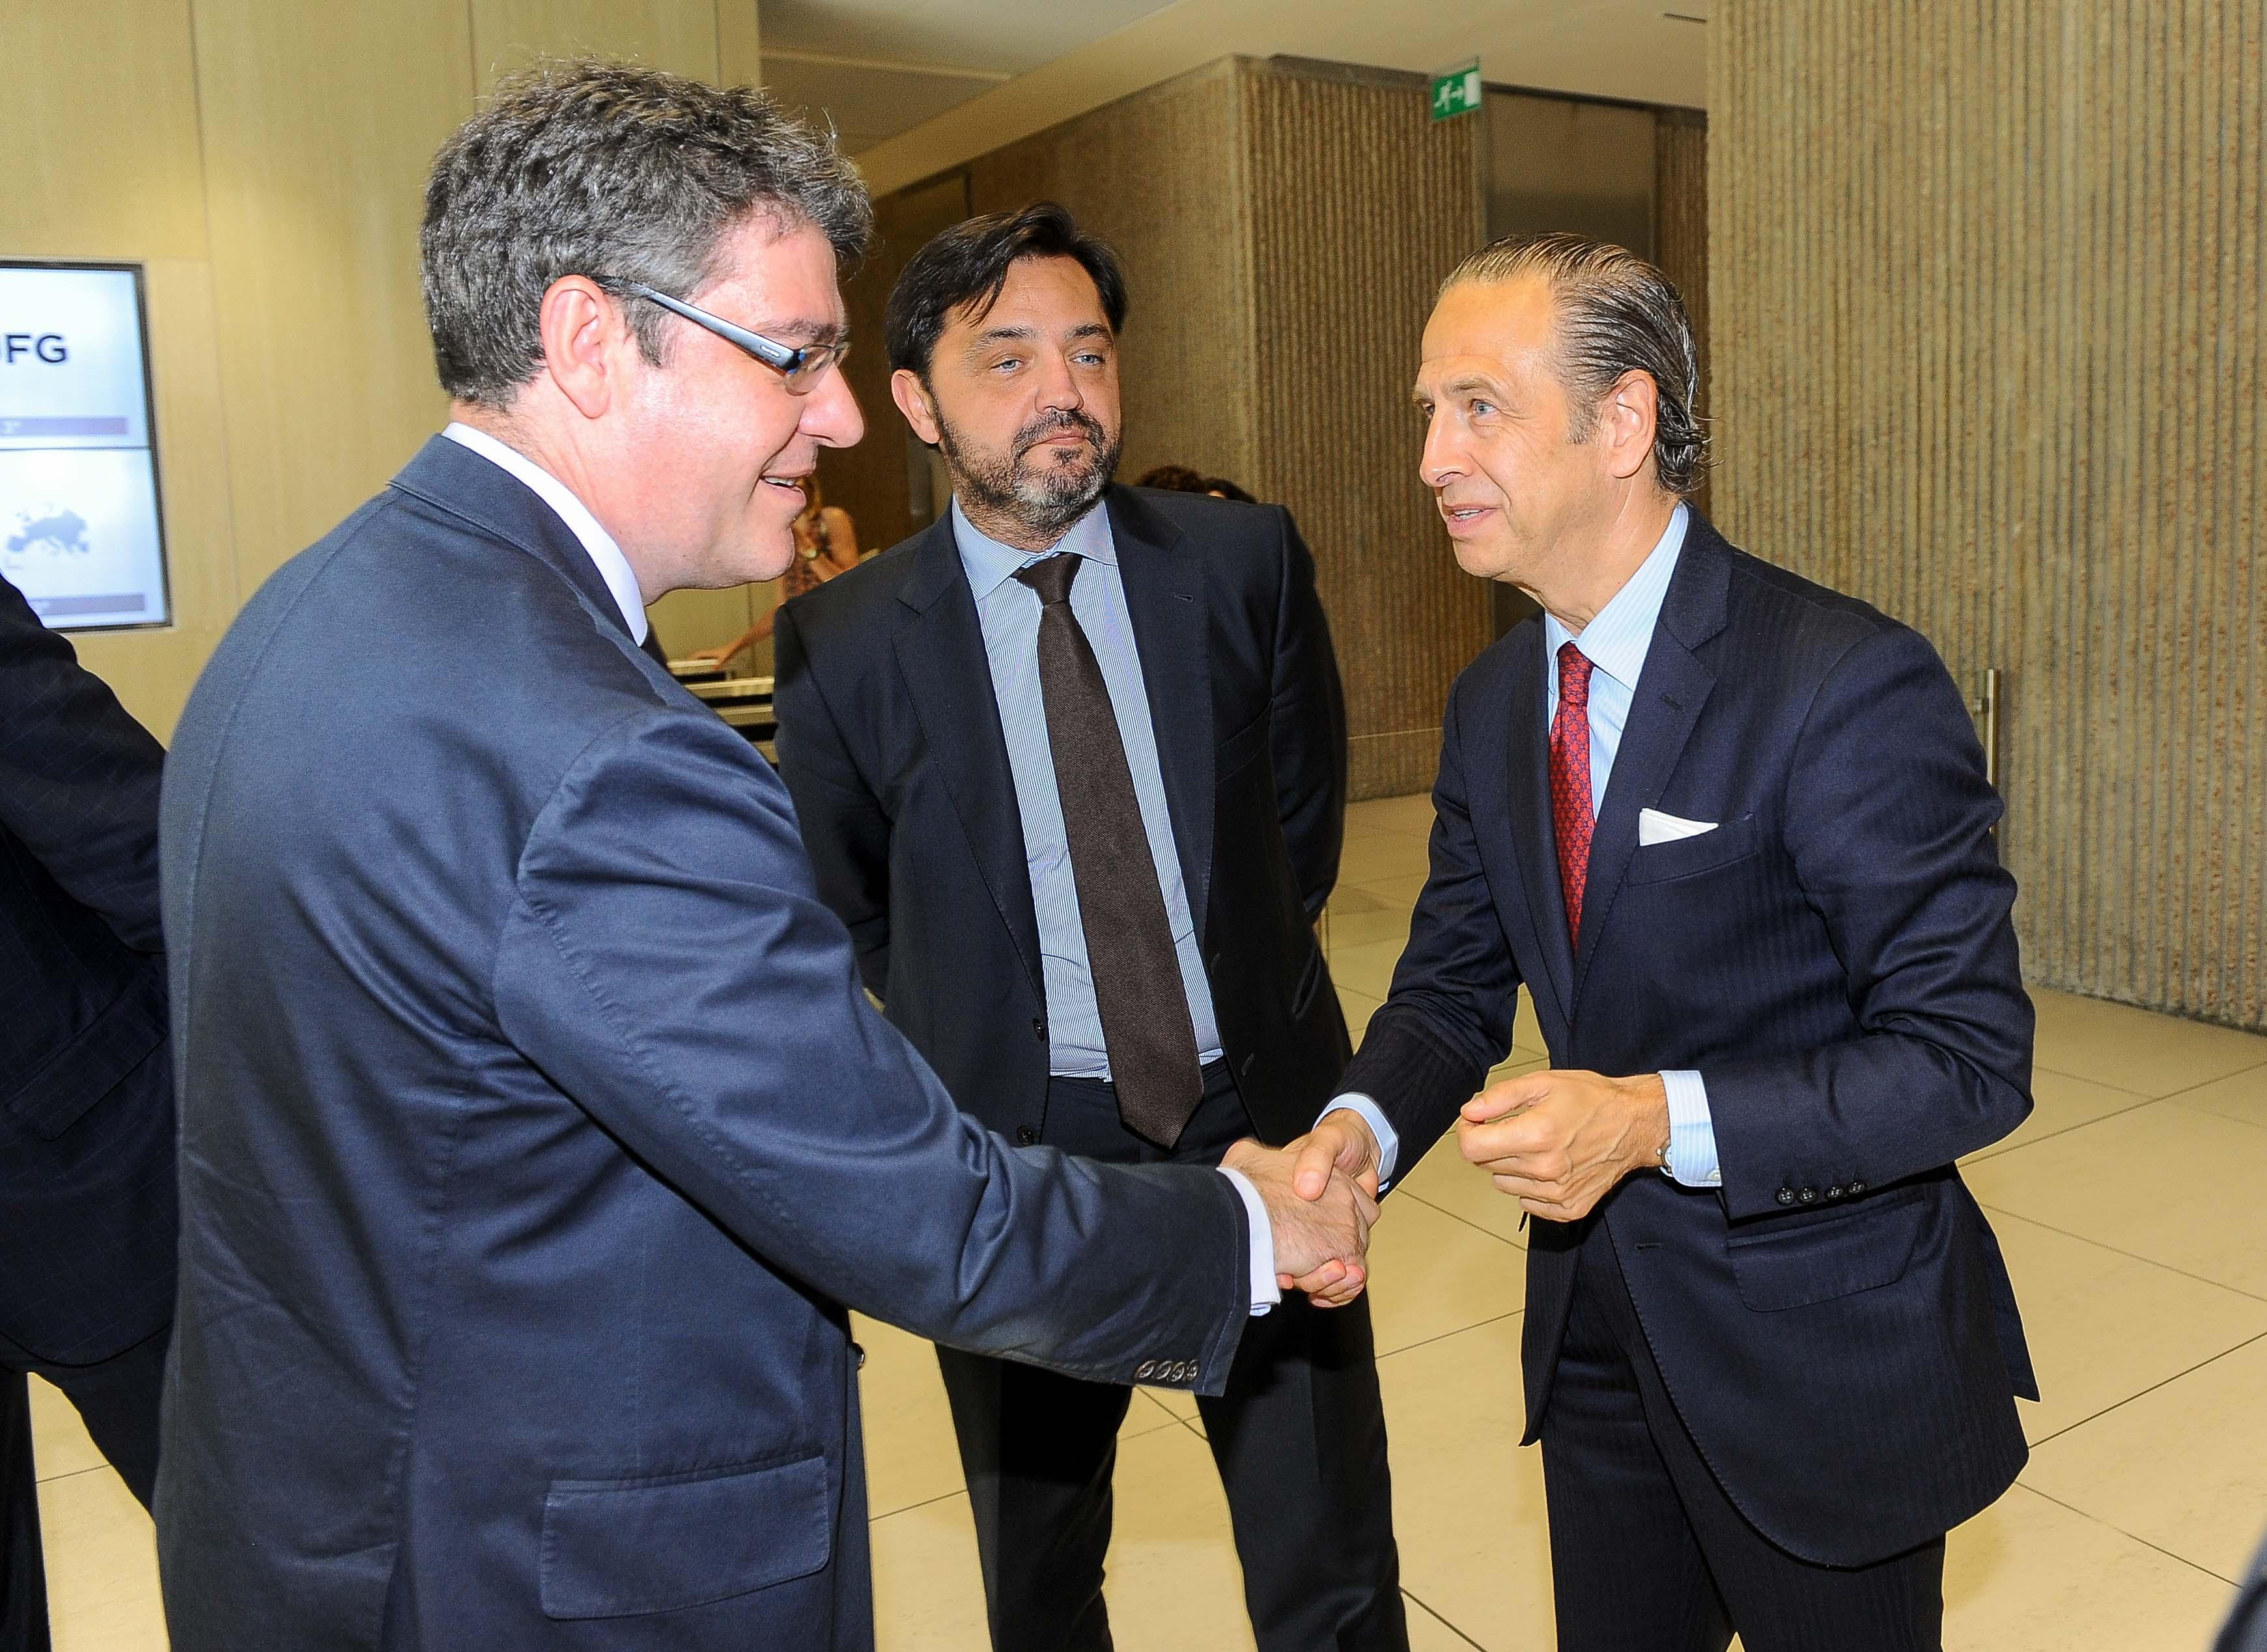 Jose Juán Perez Tabernero, Director de Relaciones Institucionales del Santander, da la bienvenida a Álvaro Nadal, Ministro de Energía, Turismo y Agenda Digital, a su llegada al almuerzo de prensa del curso de economía de la APIE.